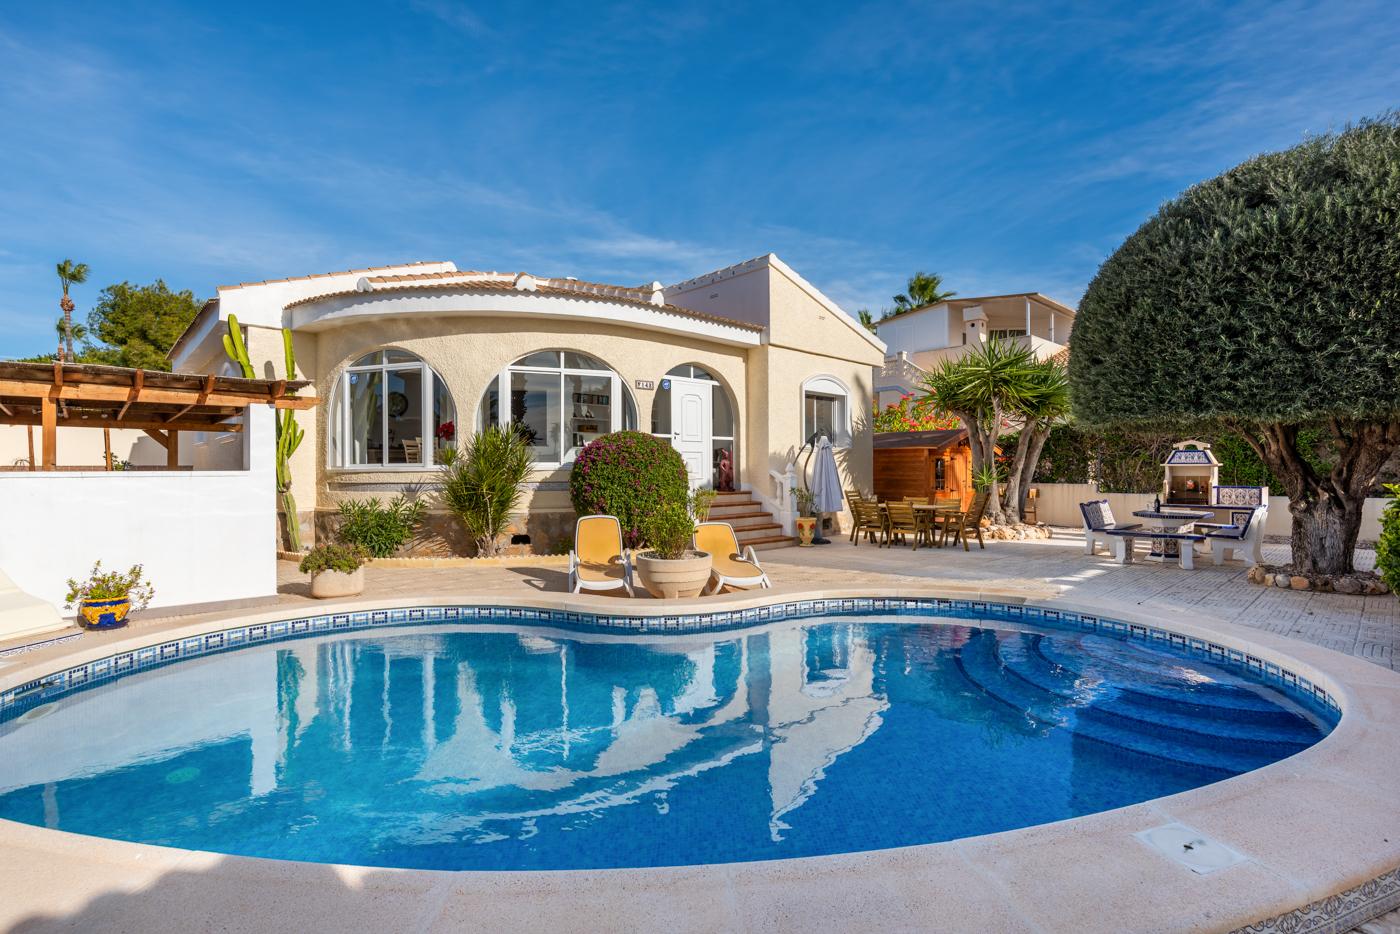 Ref:KT-71954 Villa For Sale in Ciudad Quesada